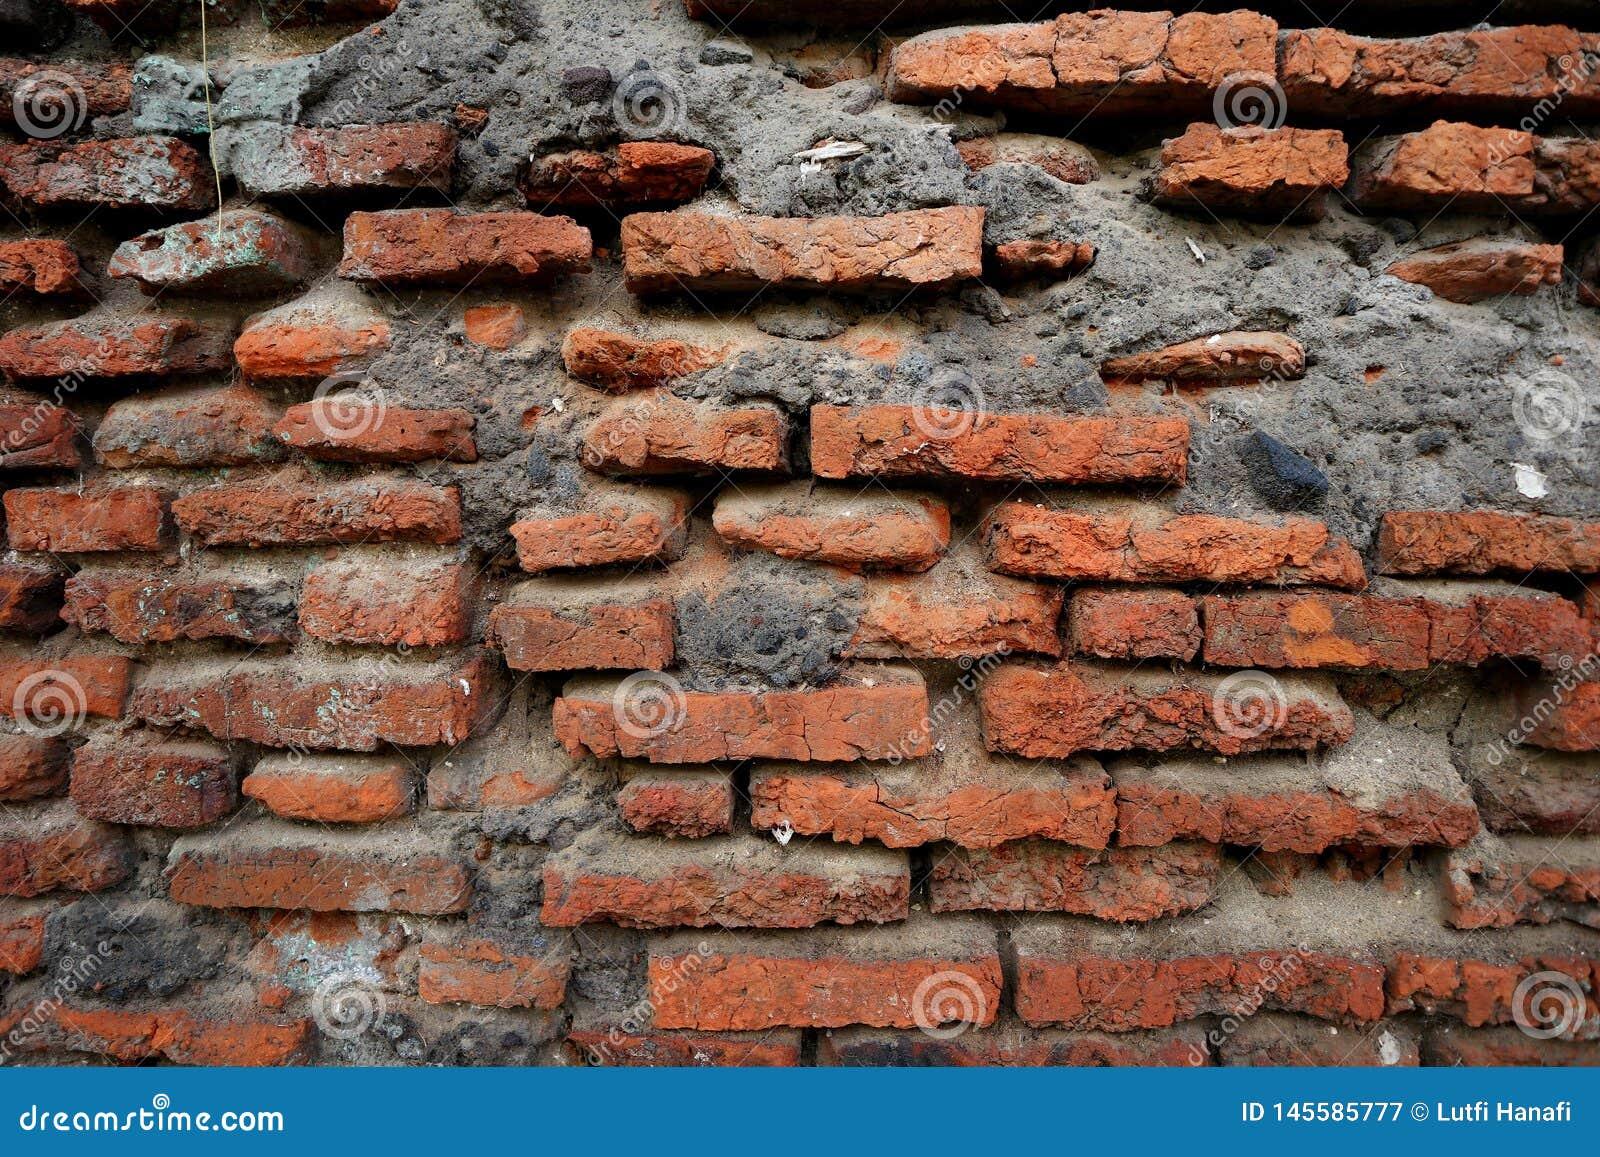 Honderden jaren oude rode bakstenen muren zijn nog intact en duurzaam